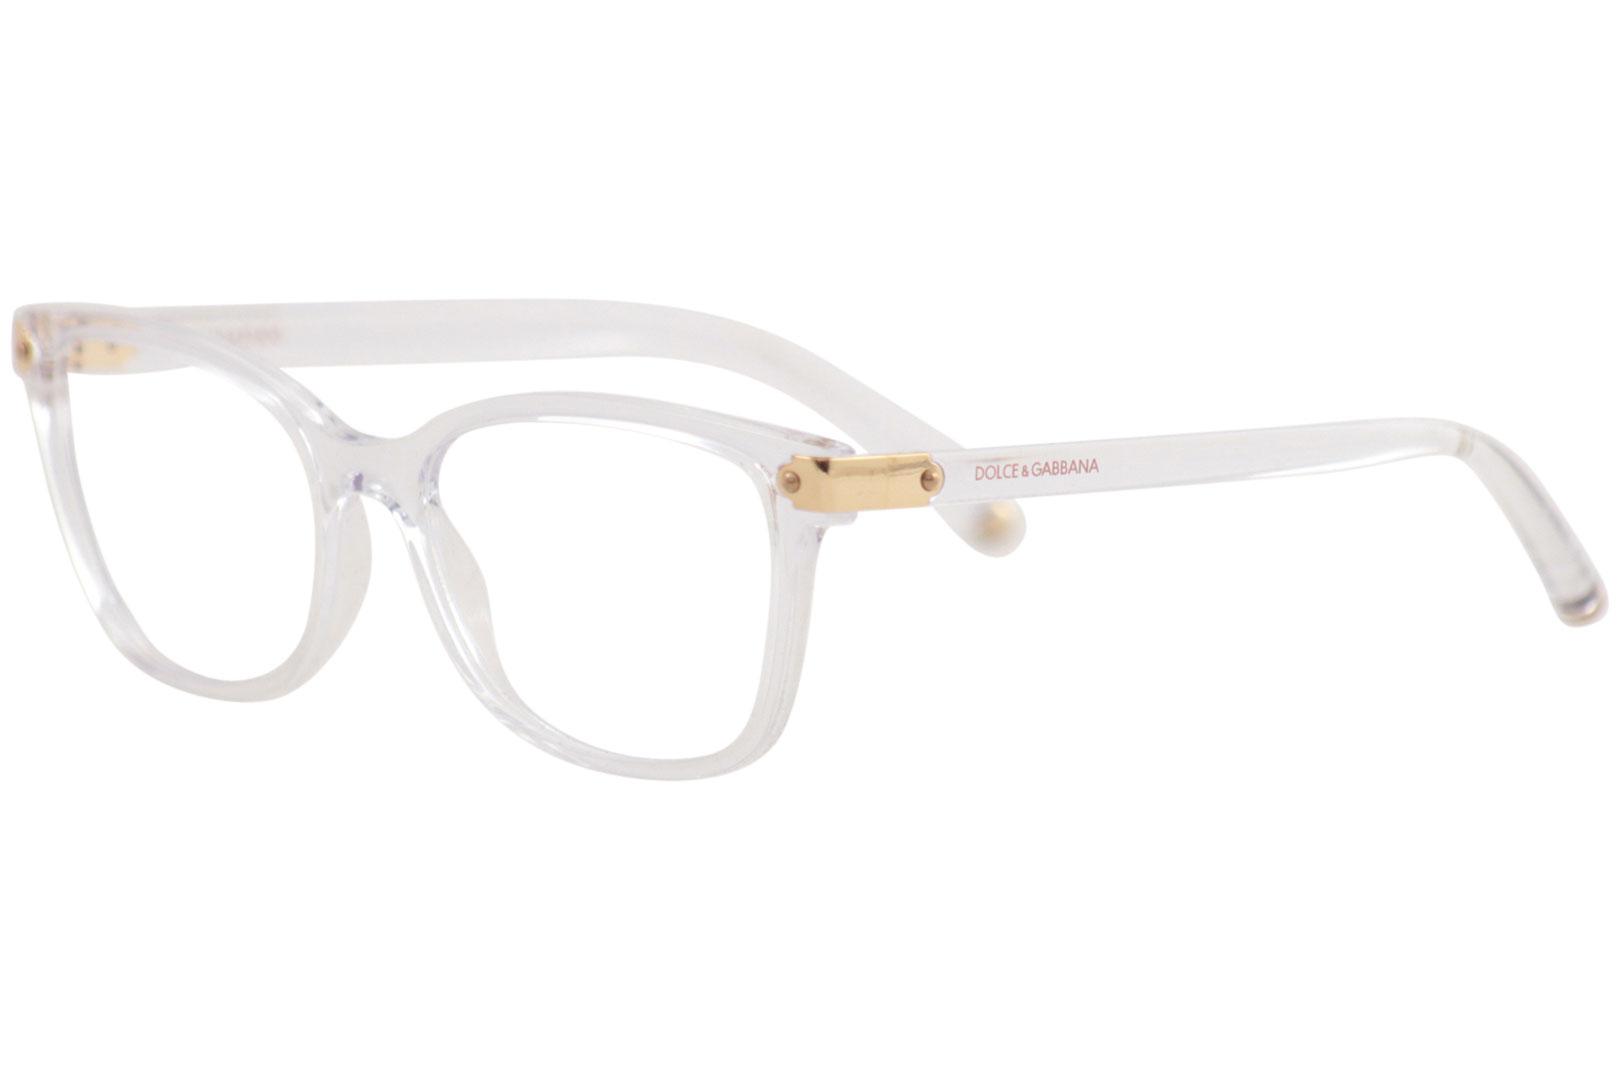 873654f3e442 Dolce & Gabbana Eyeglasses D&G DG5036 DG/5036 3133 Crystal Optical ...